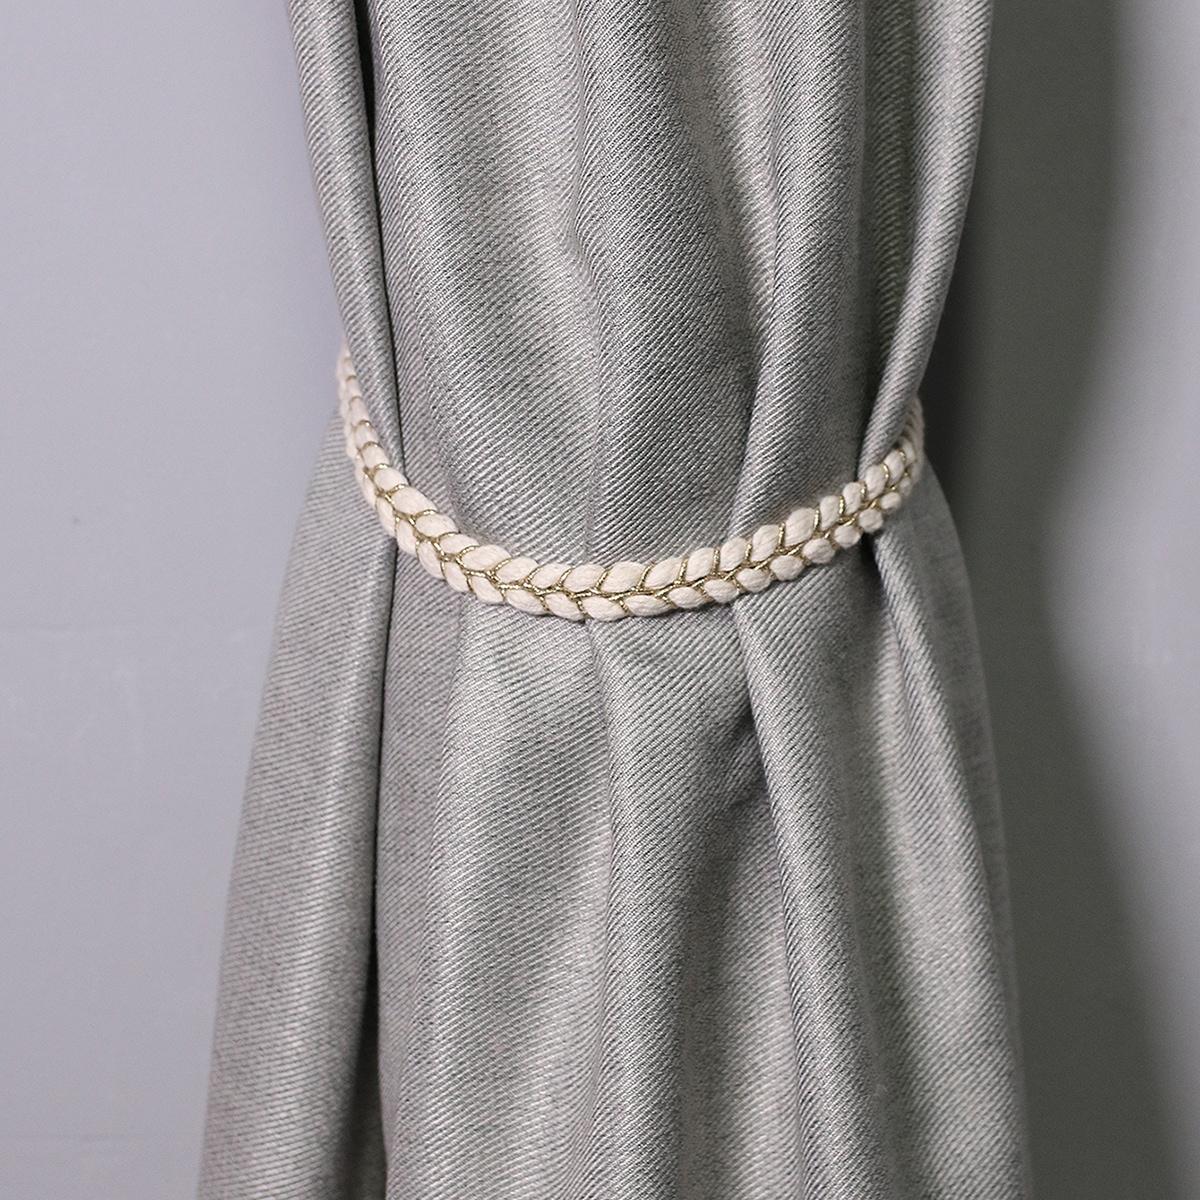 Декоративный шнур для штор 2шт